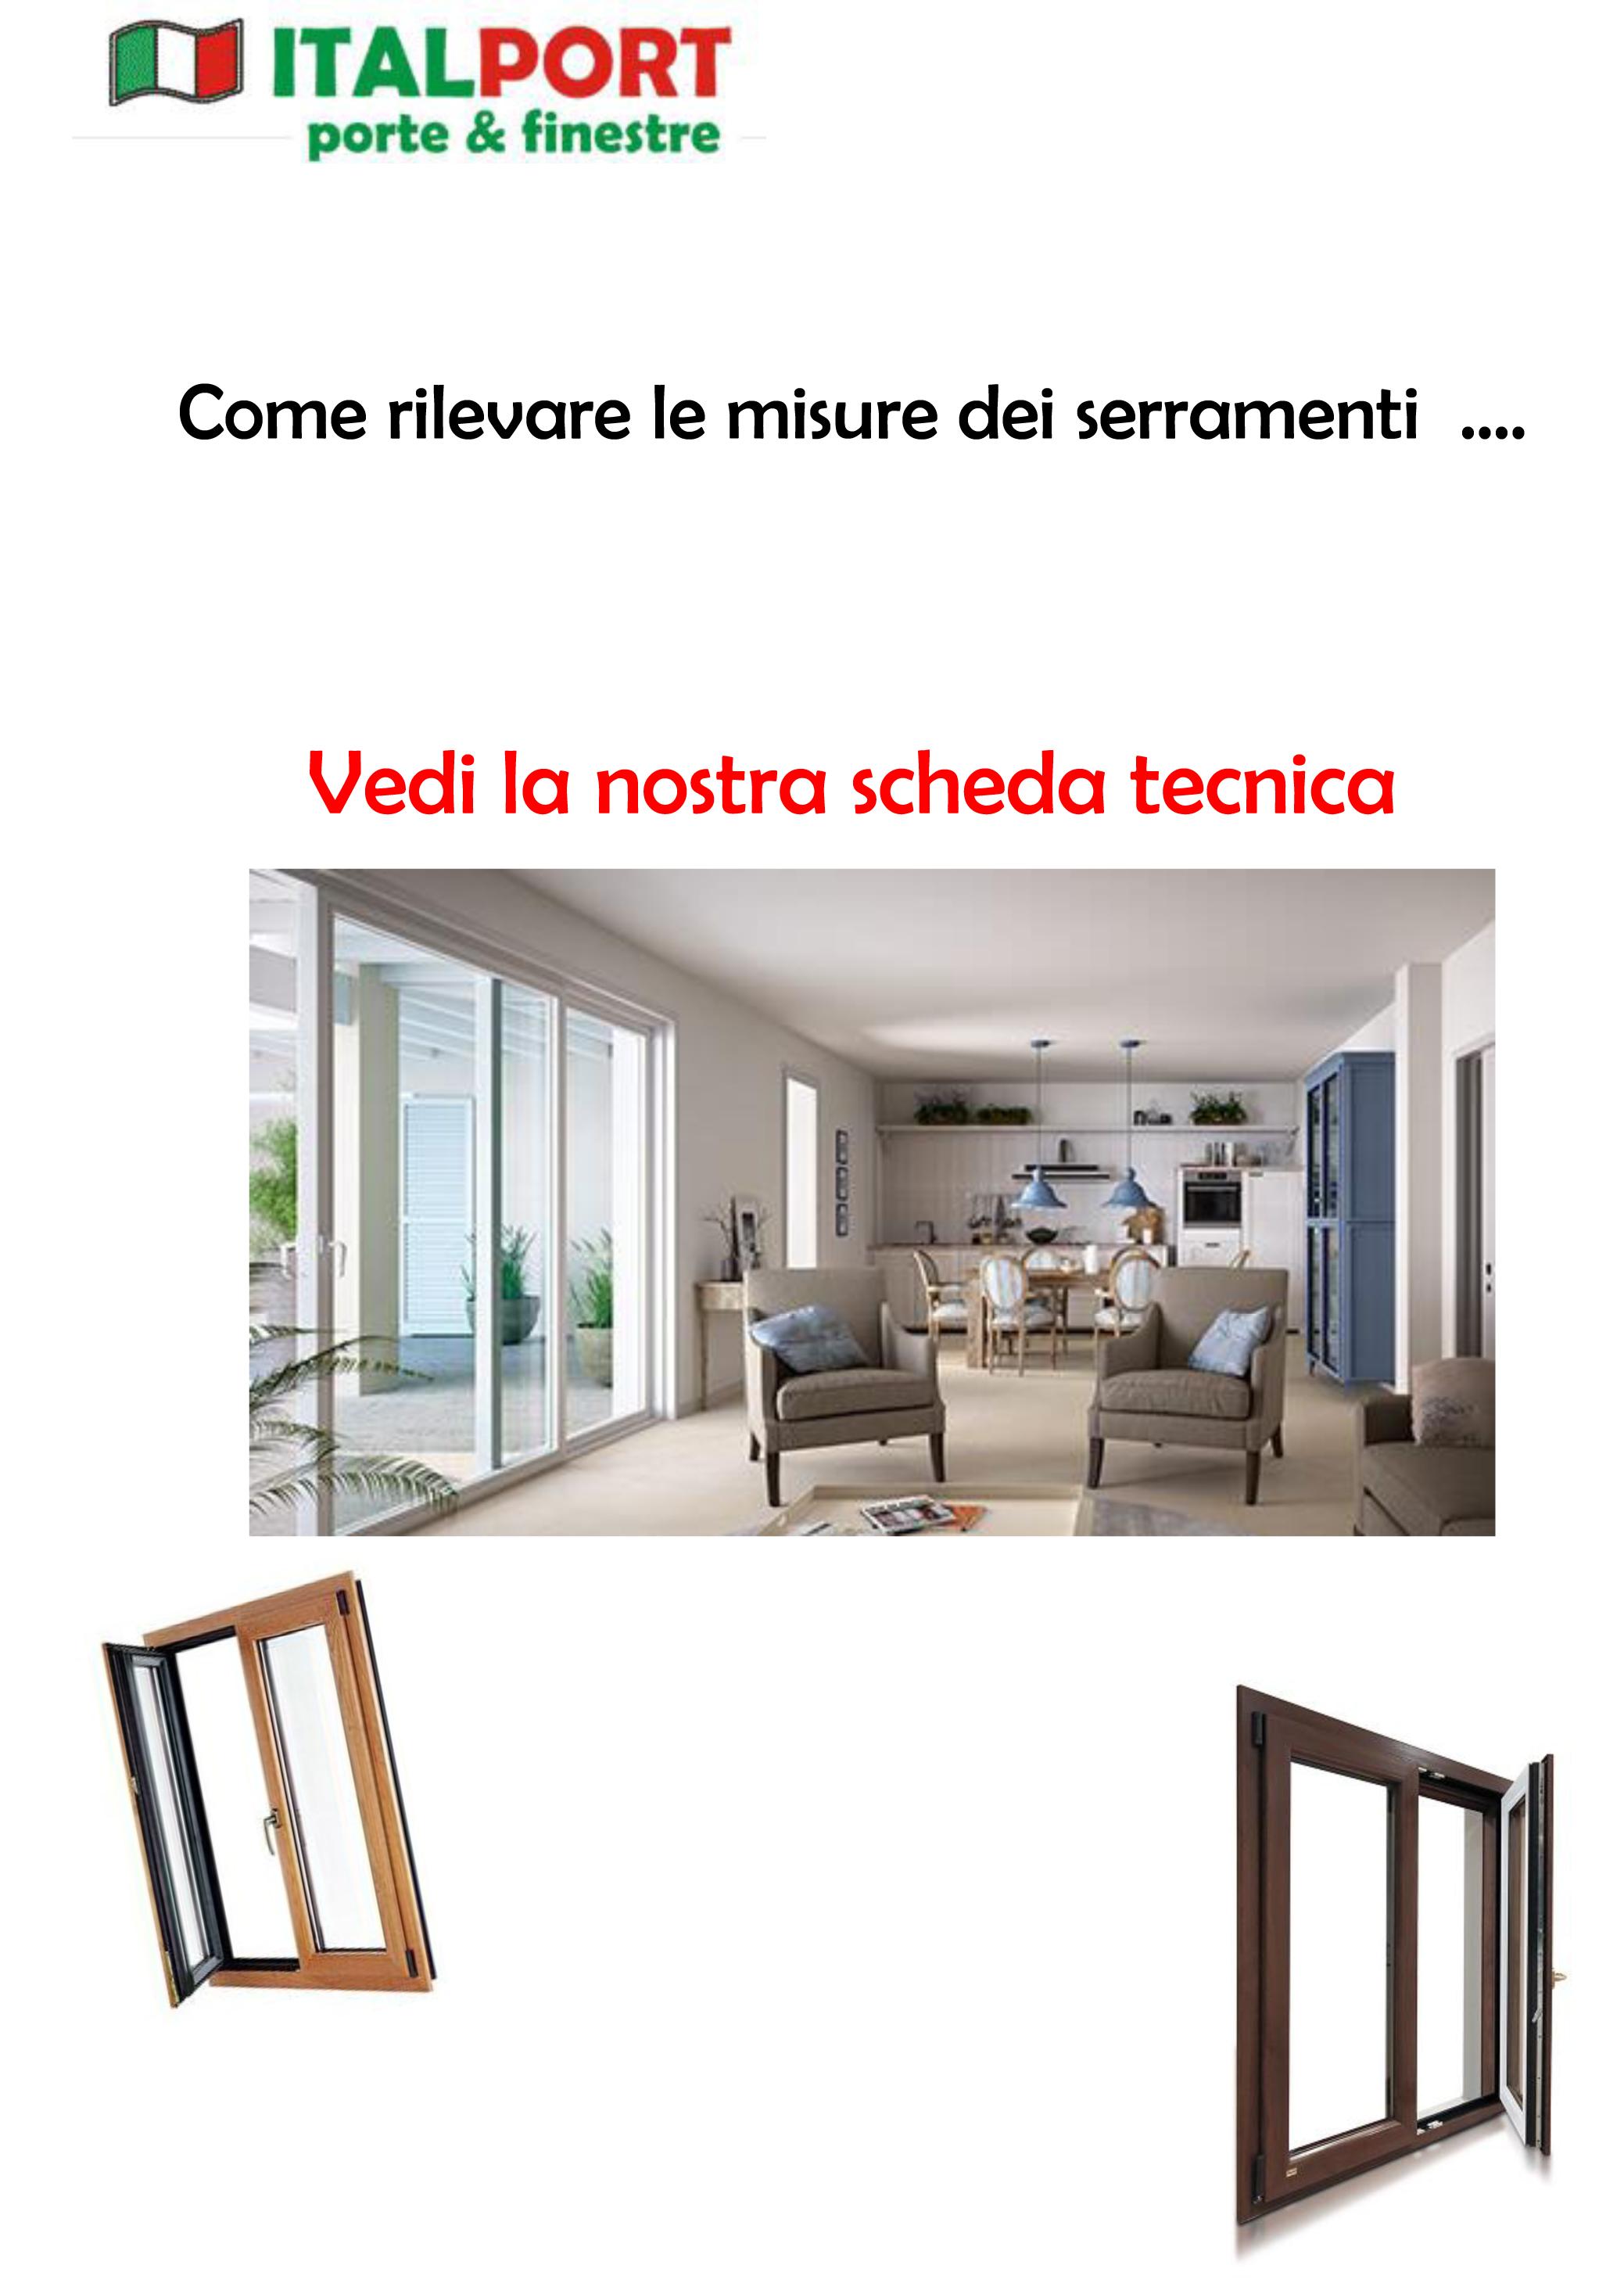 Misure finestre standard great misure finestre spogliatoio duylinh for with misure finestre - Finestre pvc misure standard ...